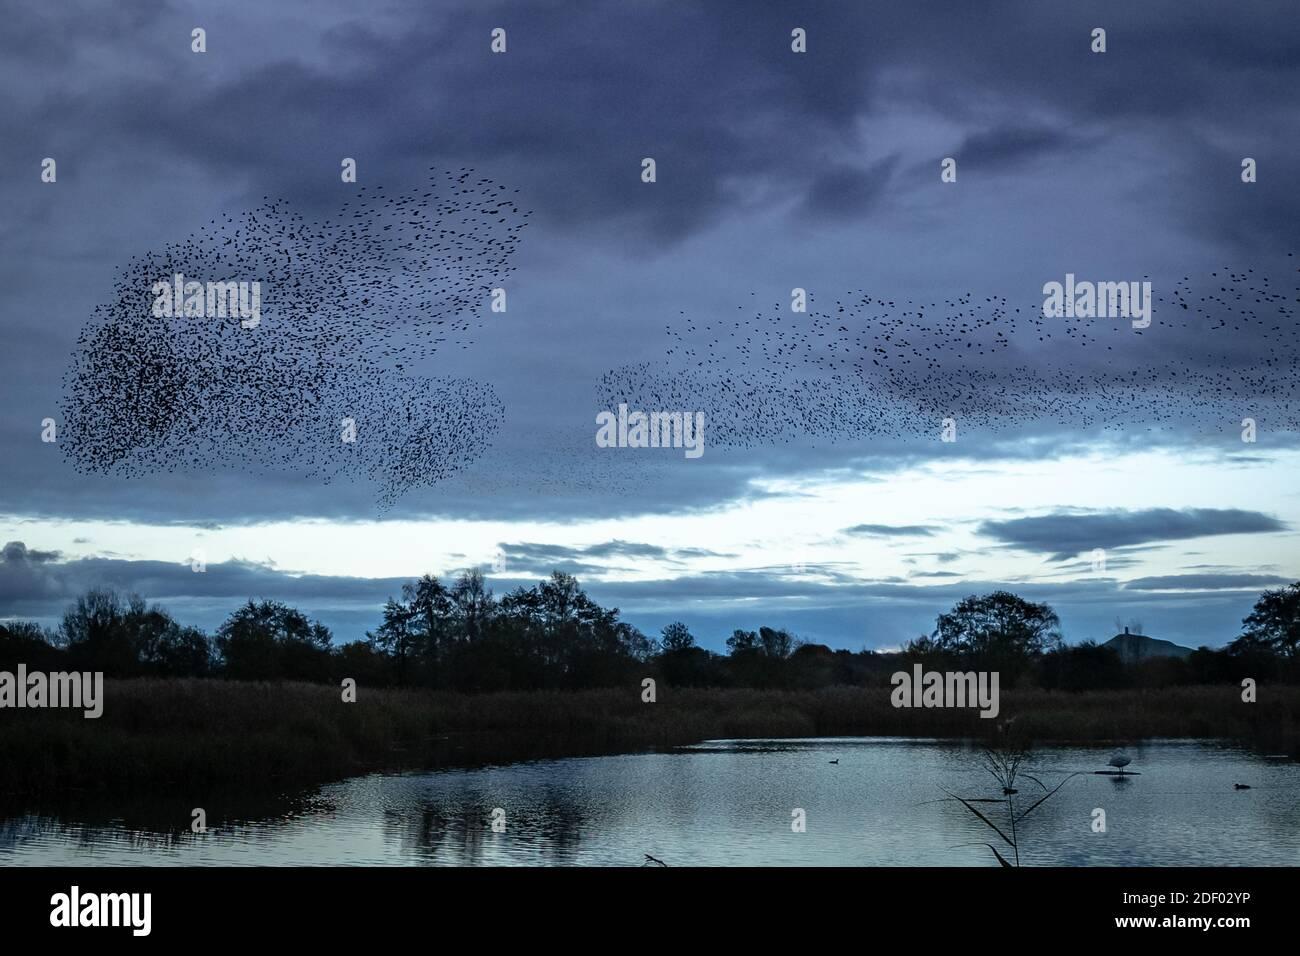 Regno Unito Meteo: Murmurata serale con stelle sopra la riserva di Ham Wall RSPB, parte della riserva naturale delle paludi di Avalon a Somerset, Regno Unito Foto Stock